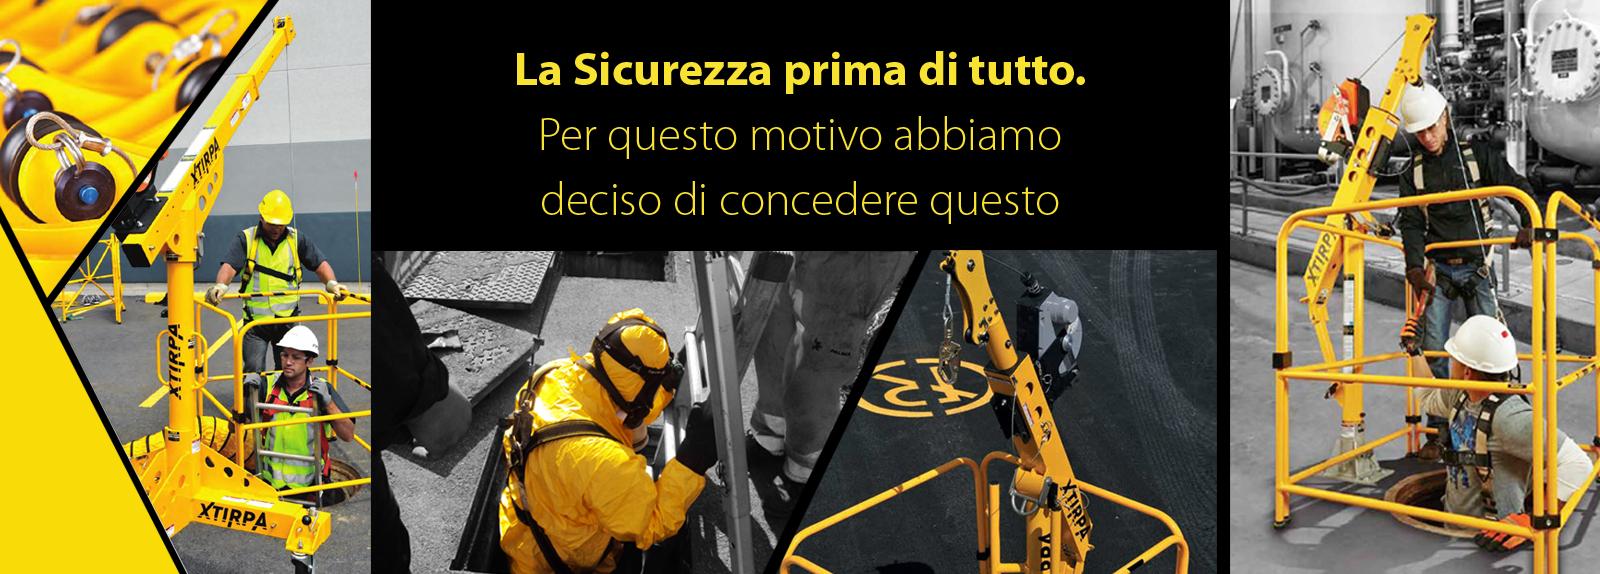 Noleggio spazi confinati Brescia